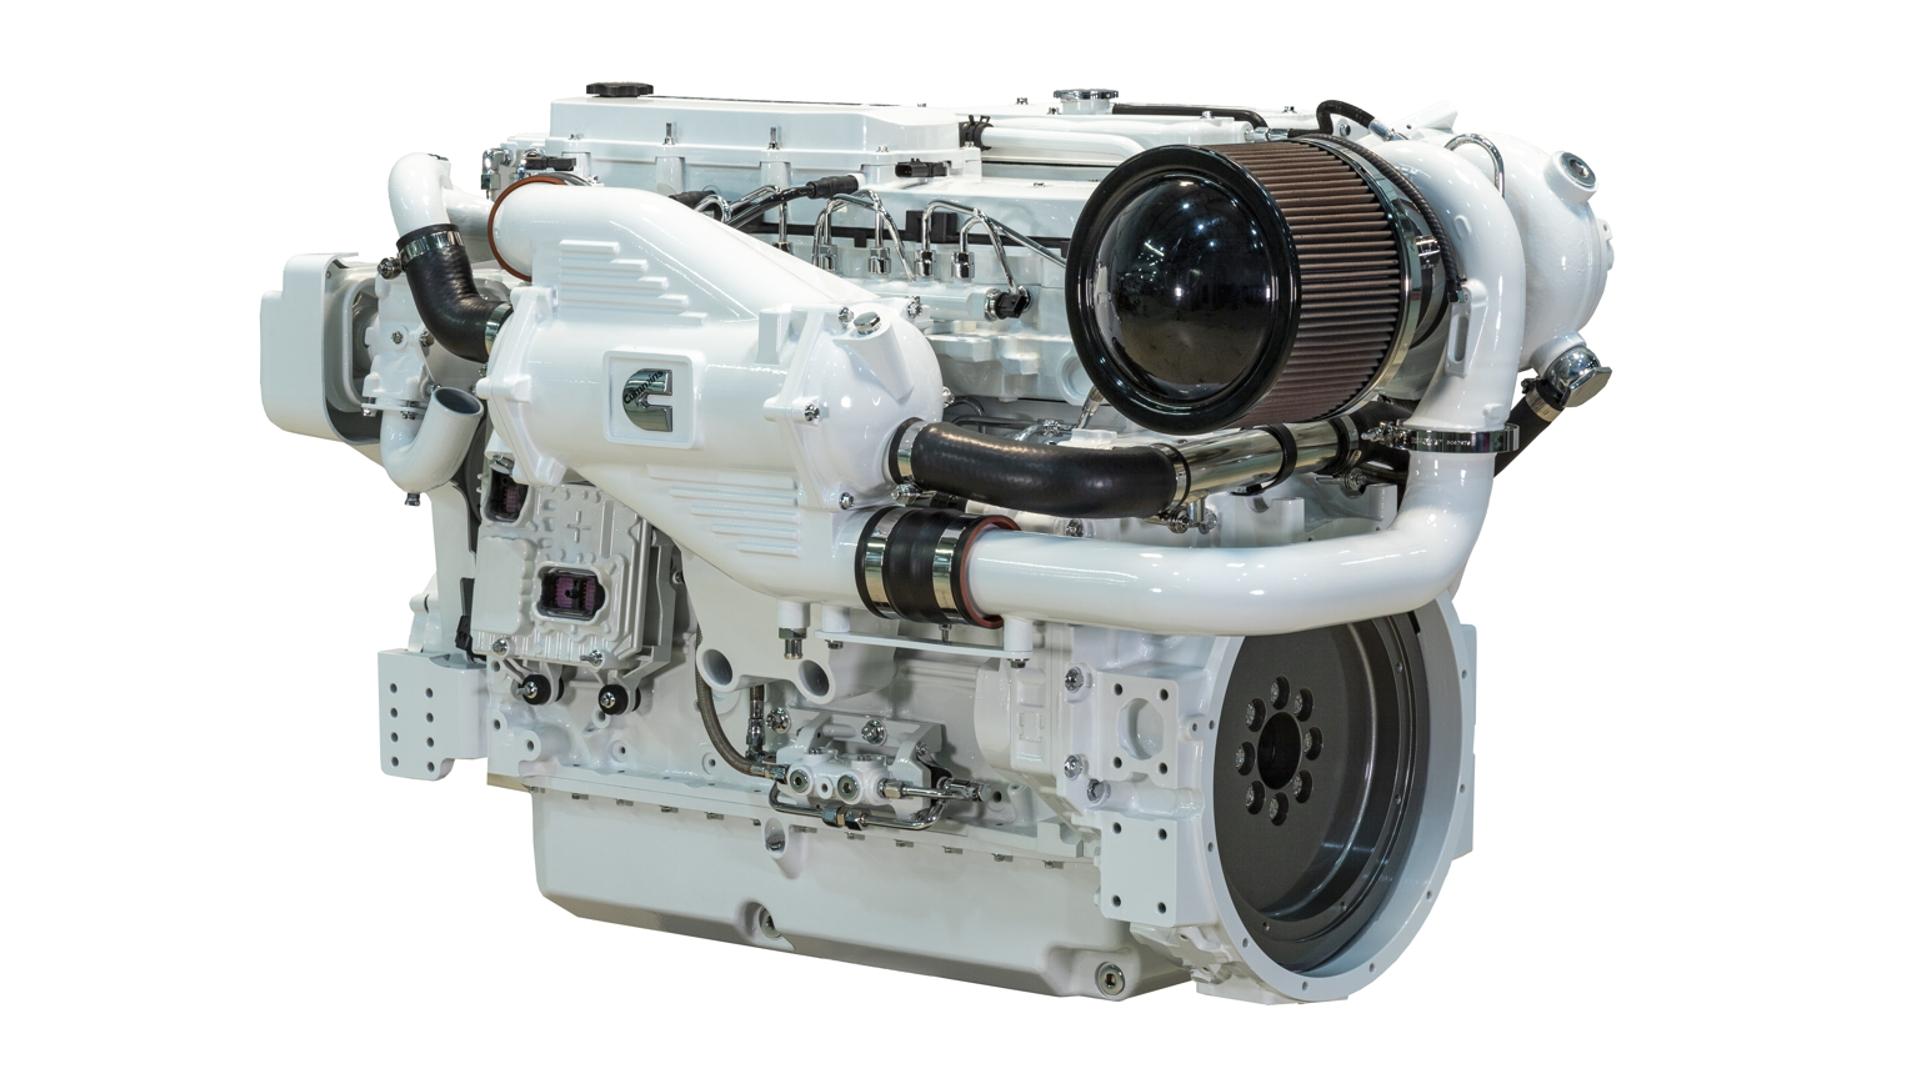 Cummins Marine Engine Display